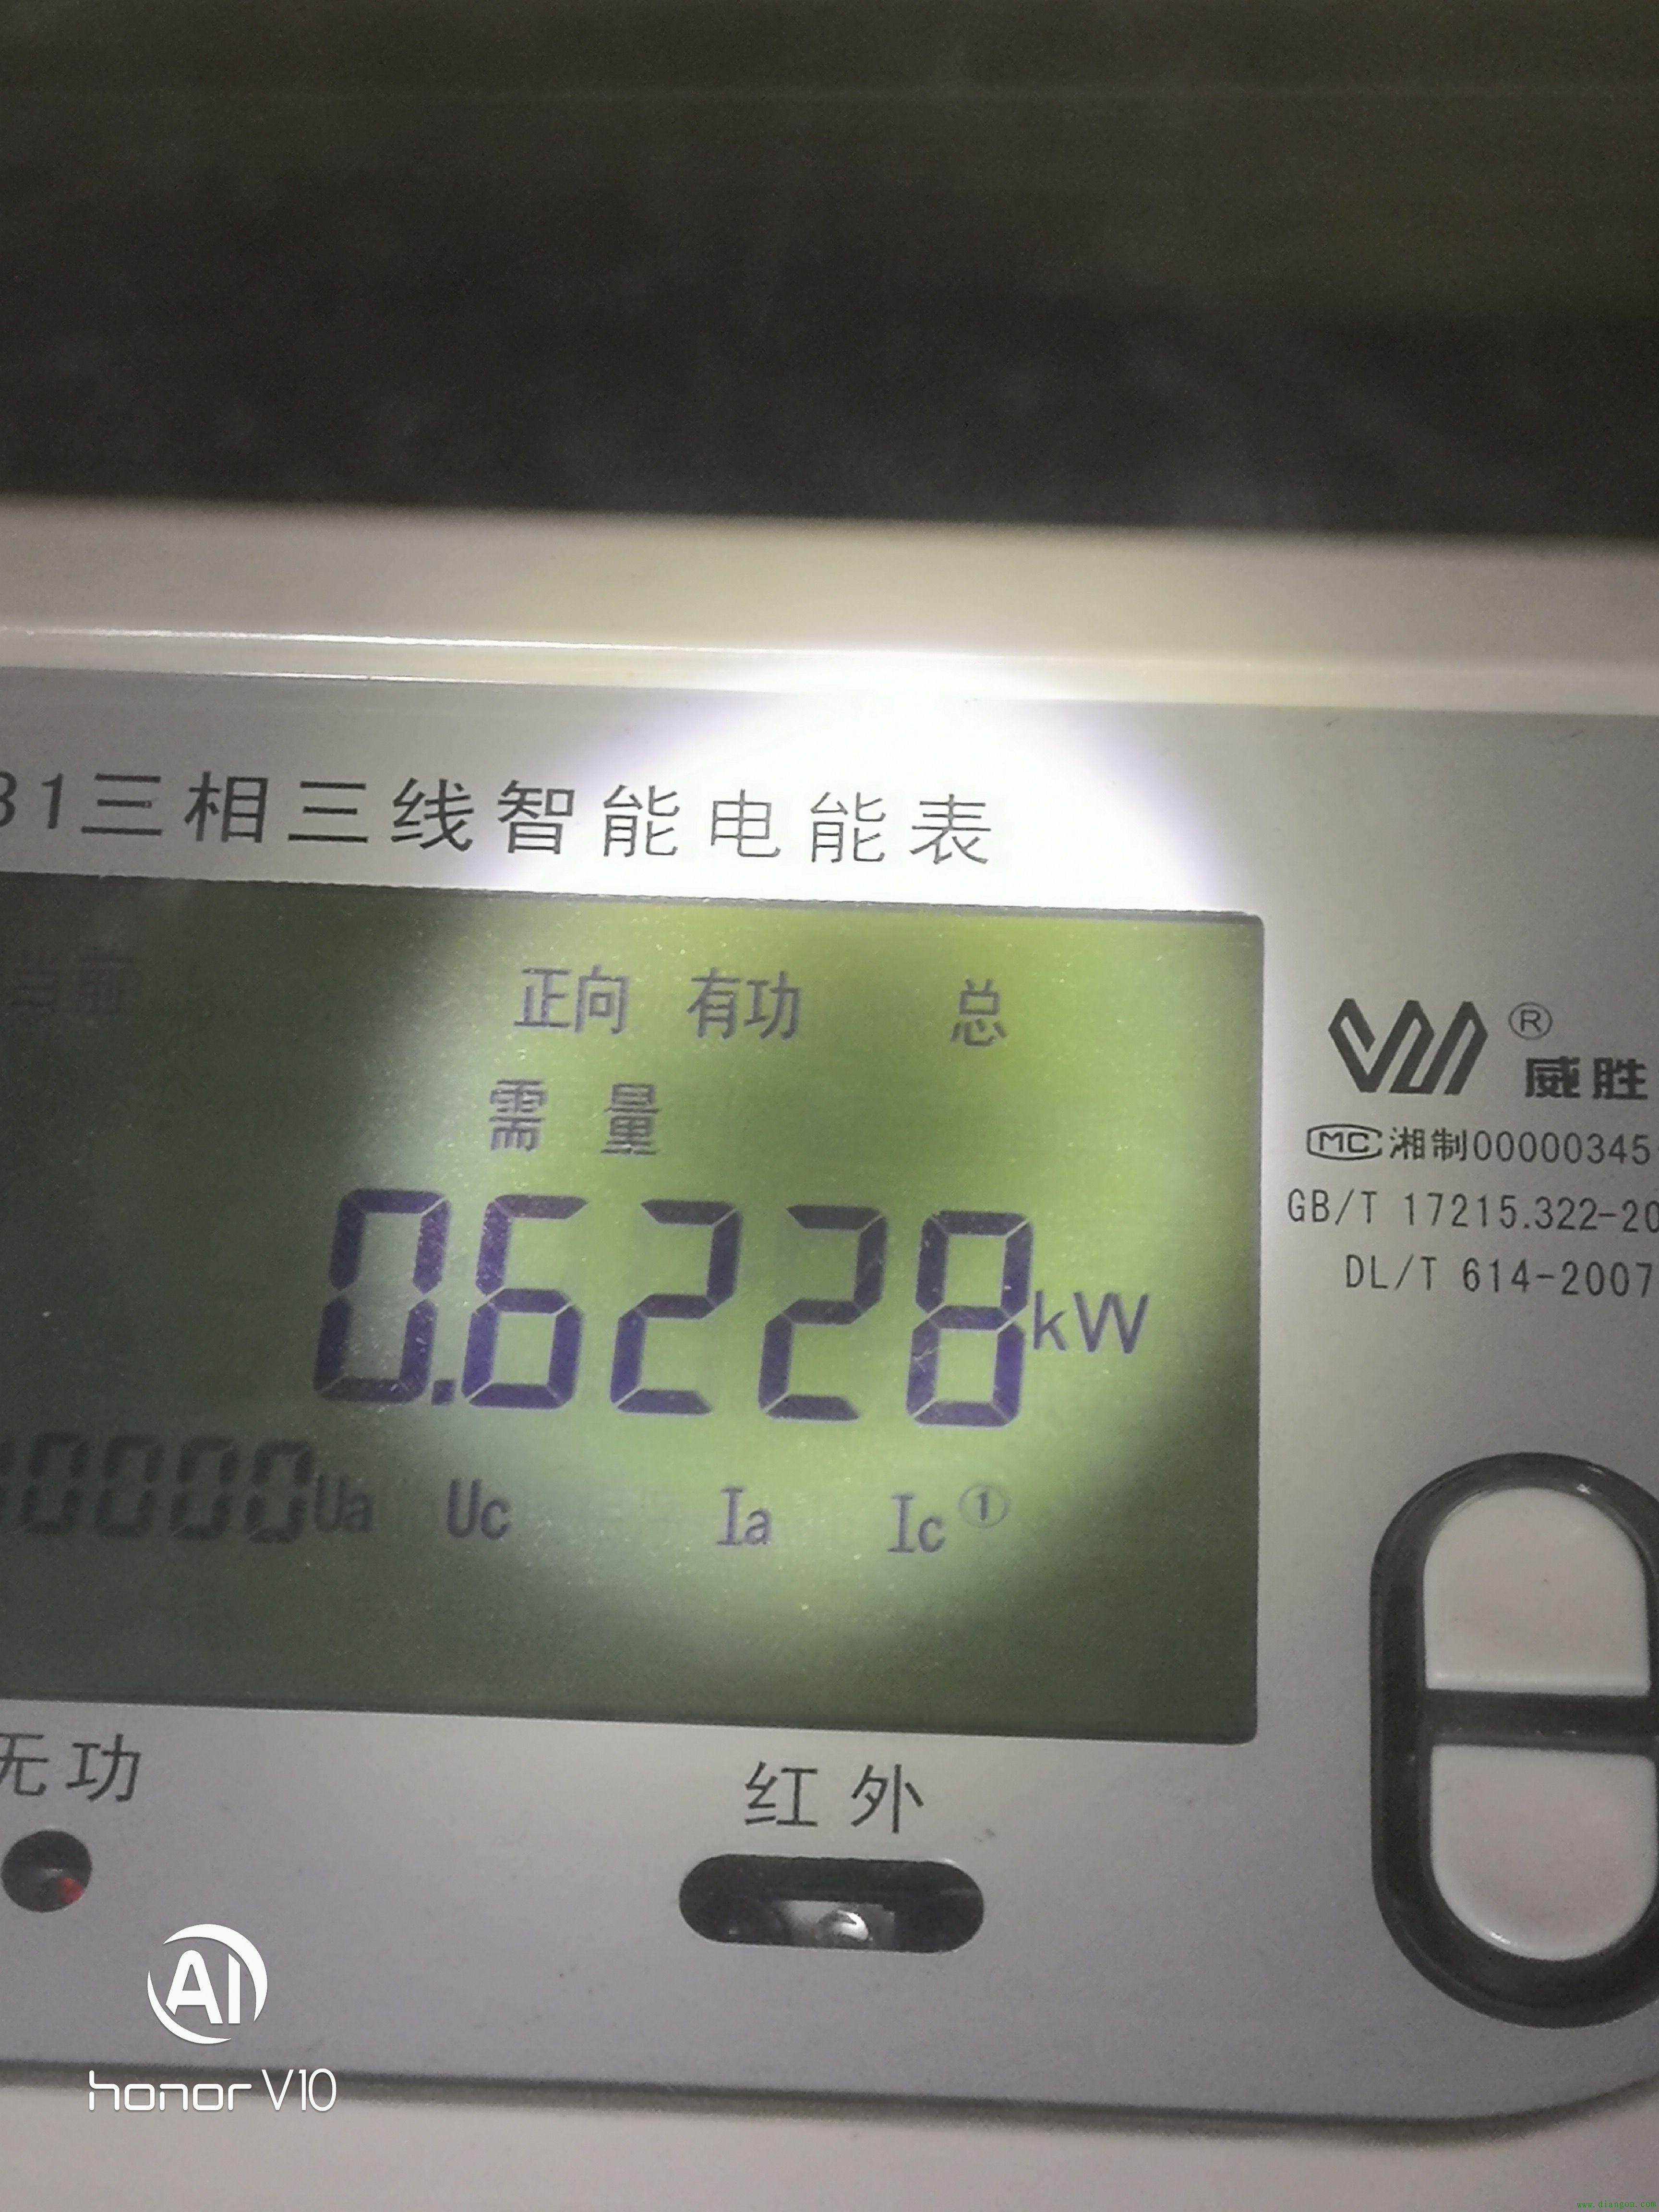 正向有功总是什么意思?这里需量 0.6228KW什么意思?